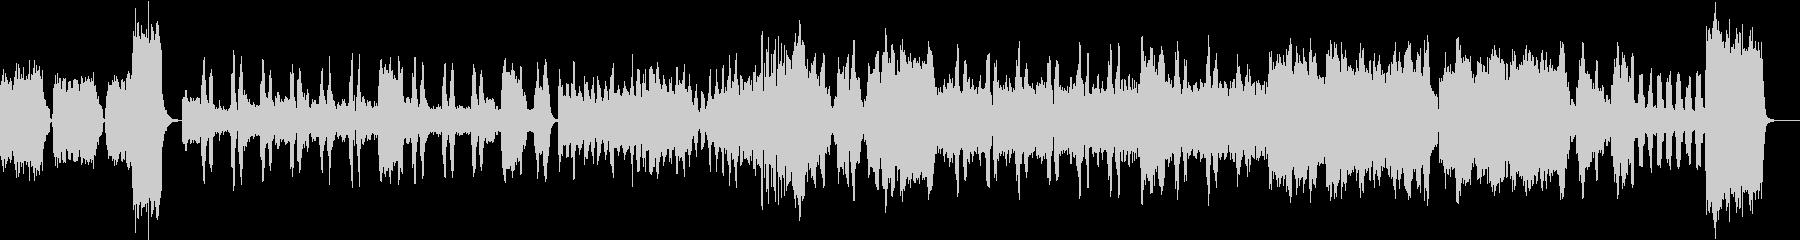 グノー ファウスト 第二曲 黄金の杯の未再生の波形